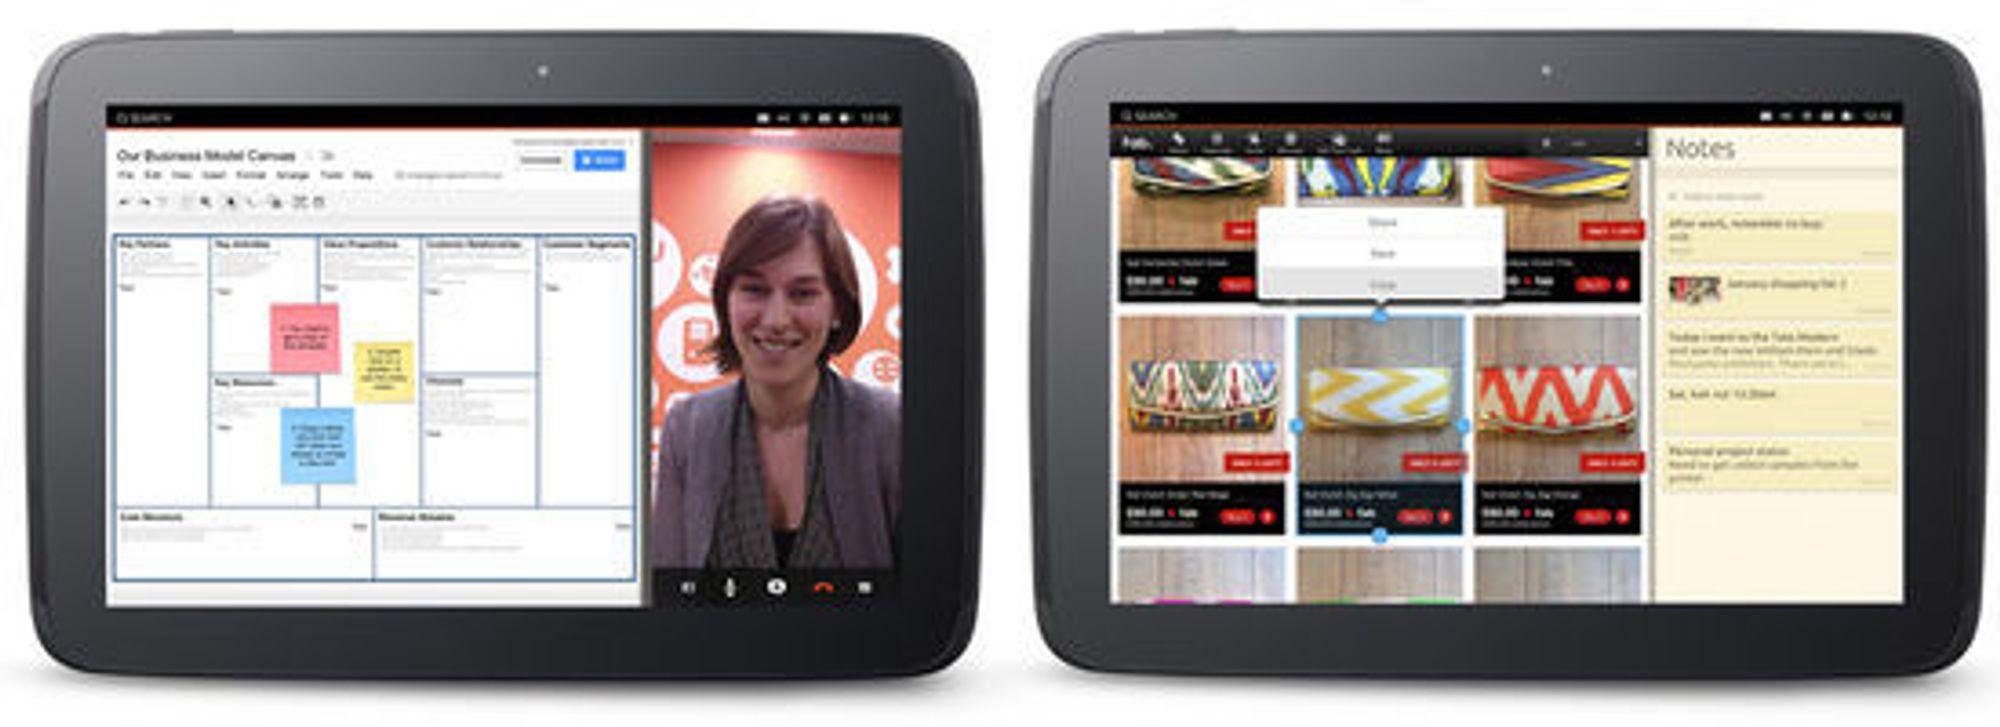 Nettbrett-grensesnittet til Ubuntu støtter visning av en standard nettbrettapplikasjon på den ene siden og en applikasjon med mobil-layout på den andre siden.